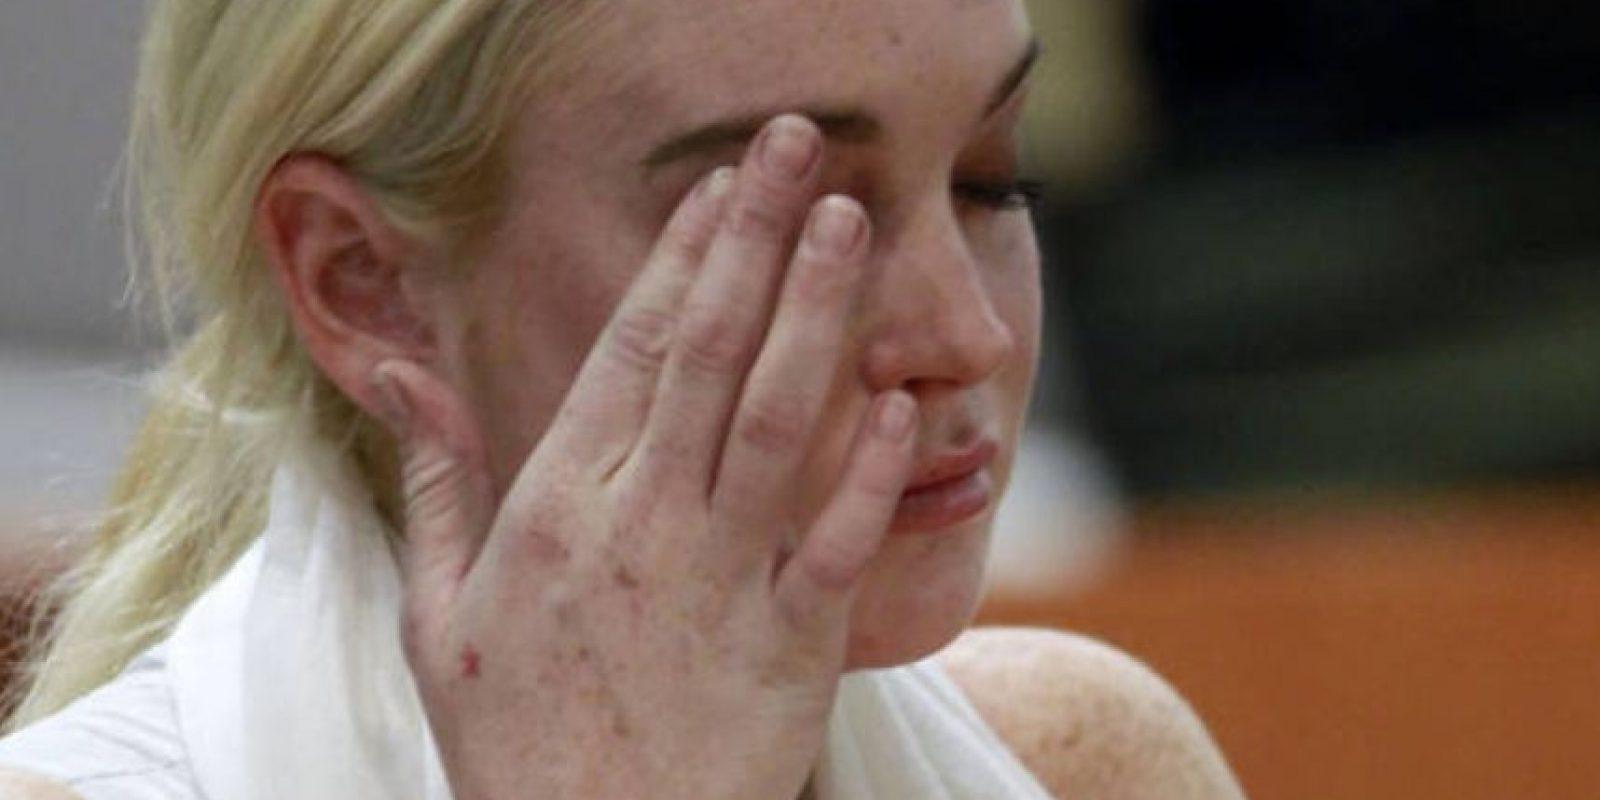 Sus manos parecen verse descuidadas en algunas ocasiones. Además el ancho de su palma parece un poco grande. Foto:Getty Images